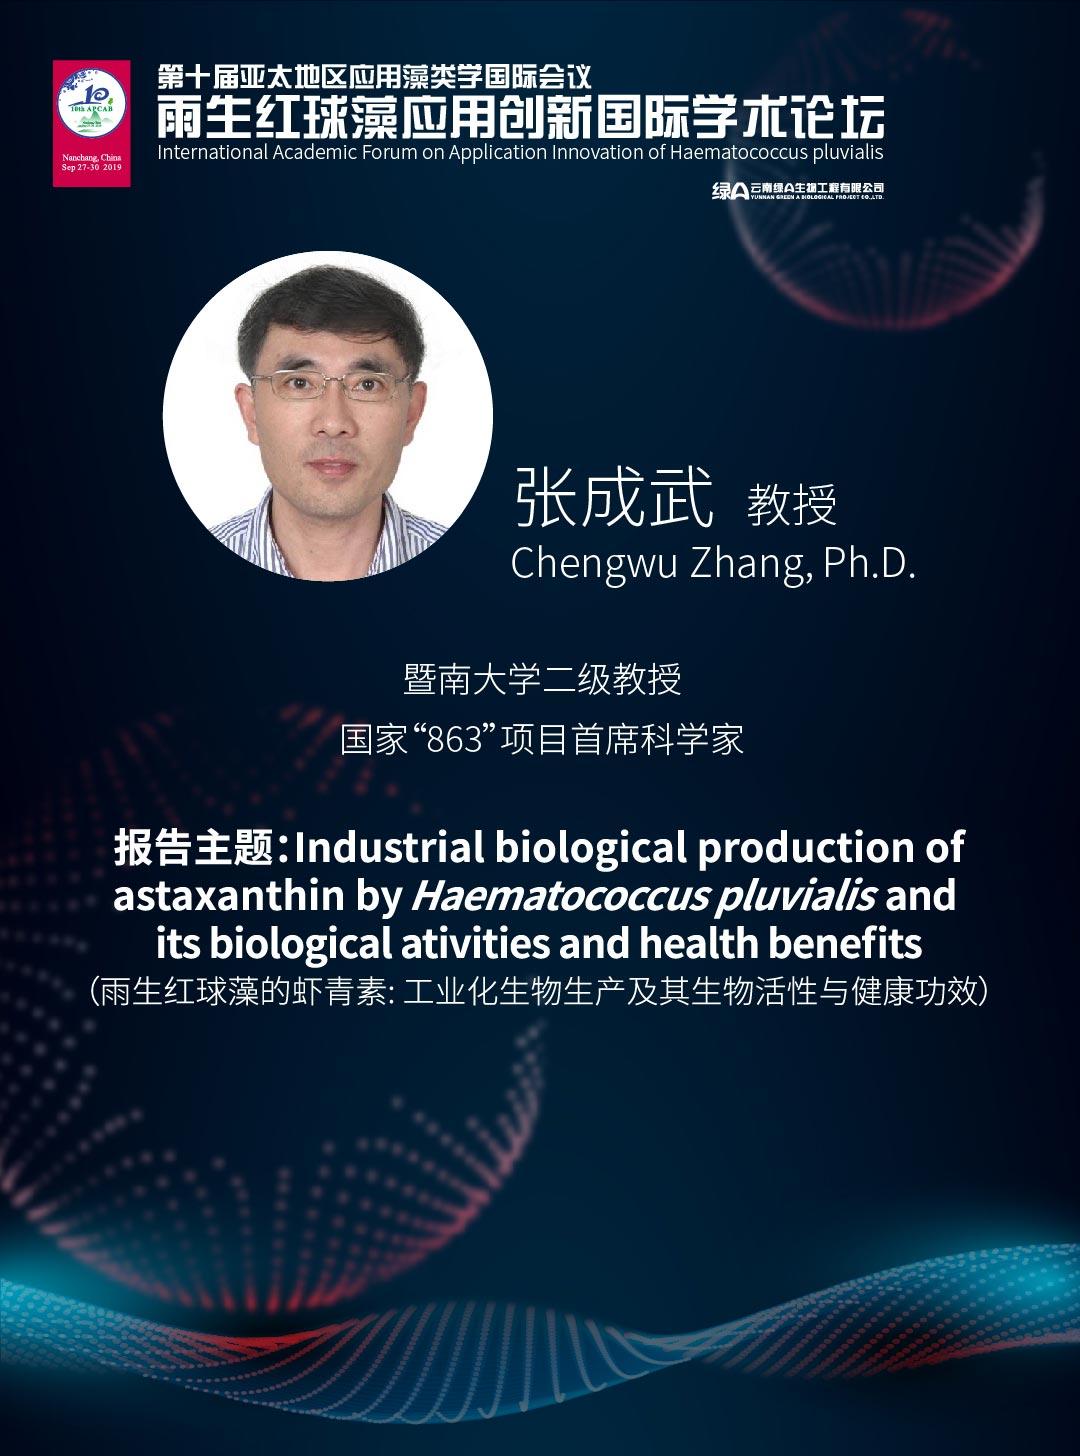 张成武 博士 暨南大学生命科学技术学院水生生物研究中心教授